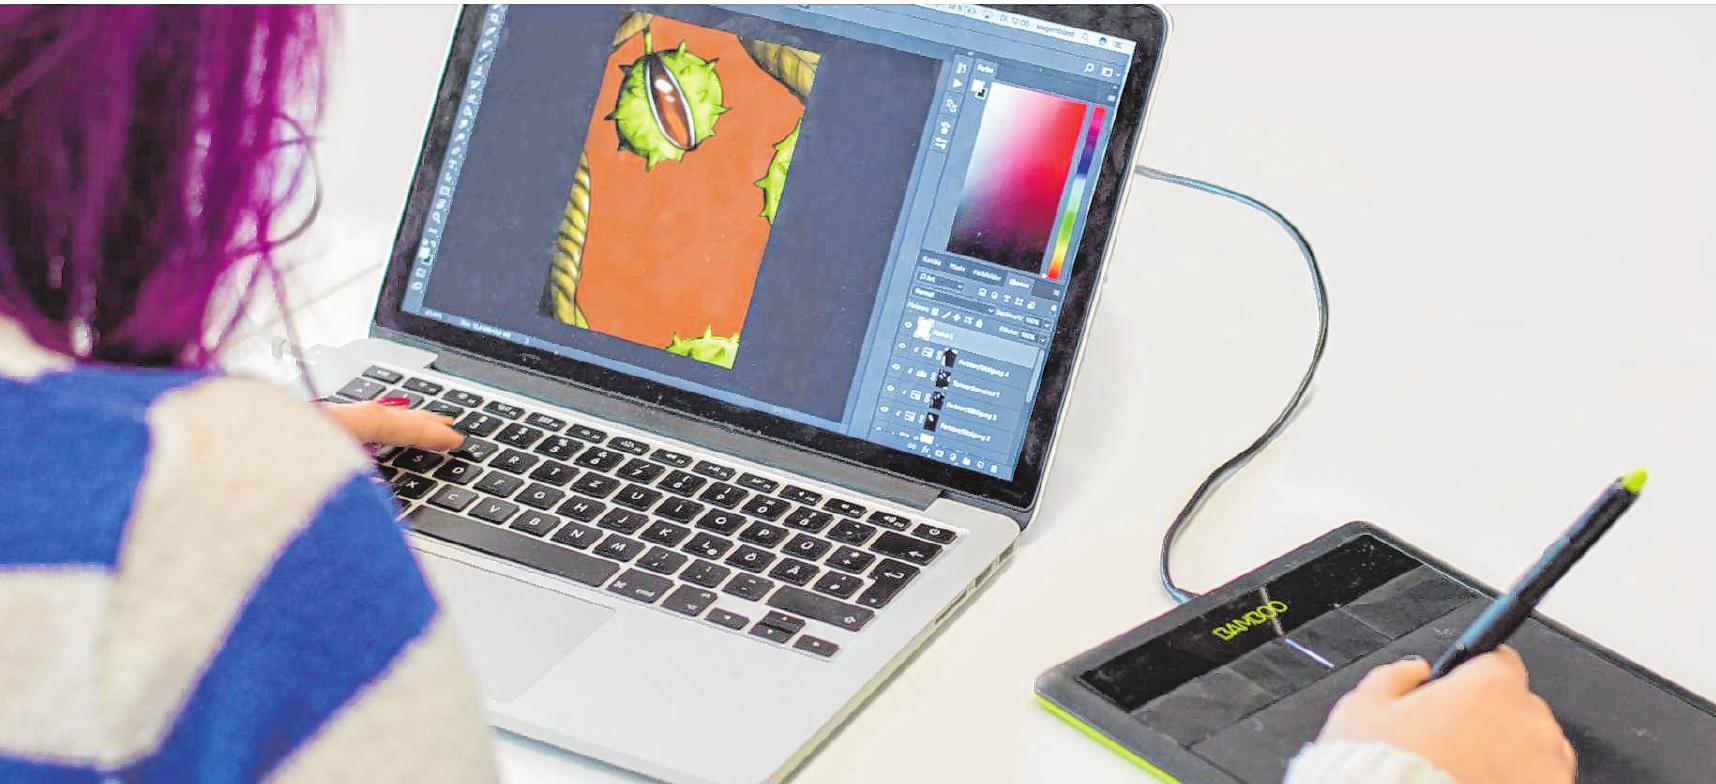 Grafikdesignschülerin beim digitalen Illustrieren